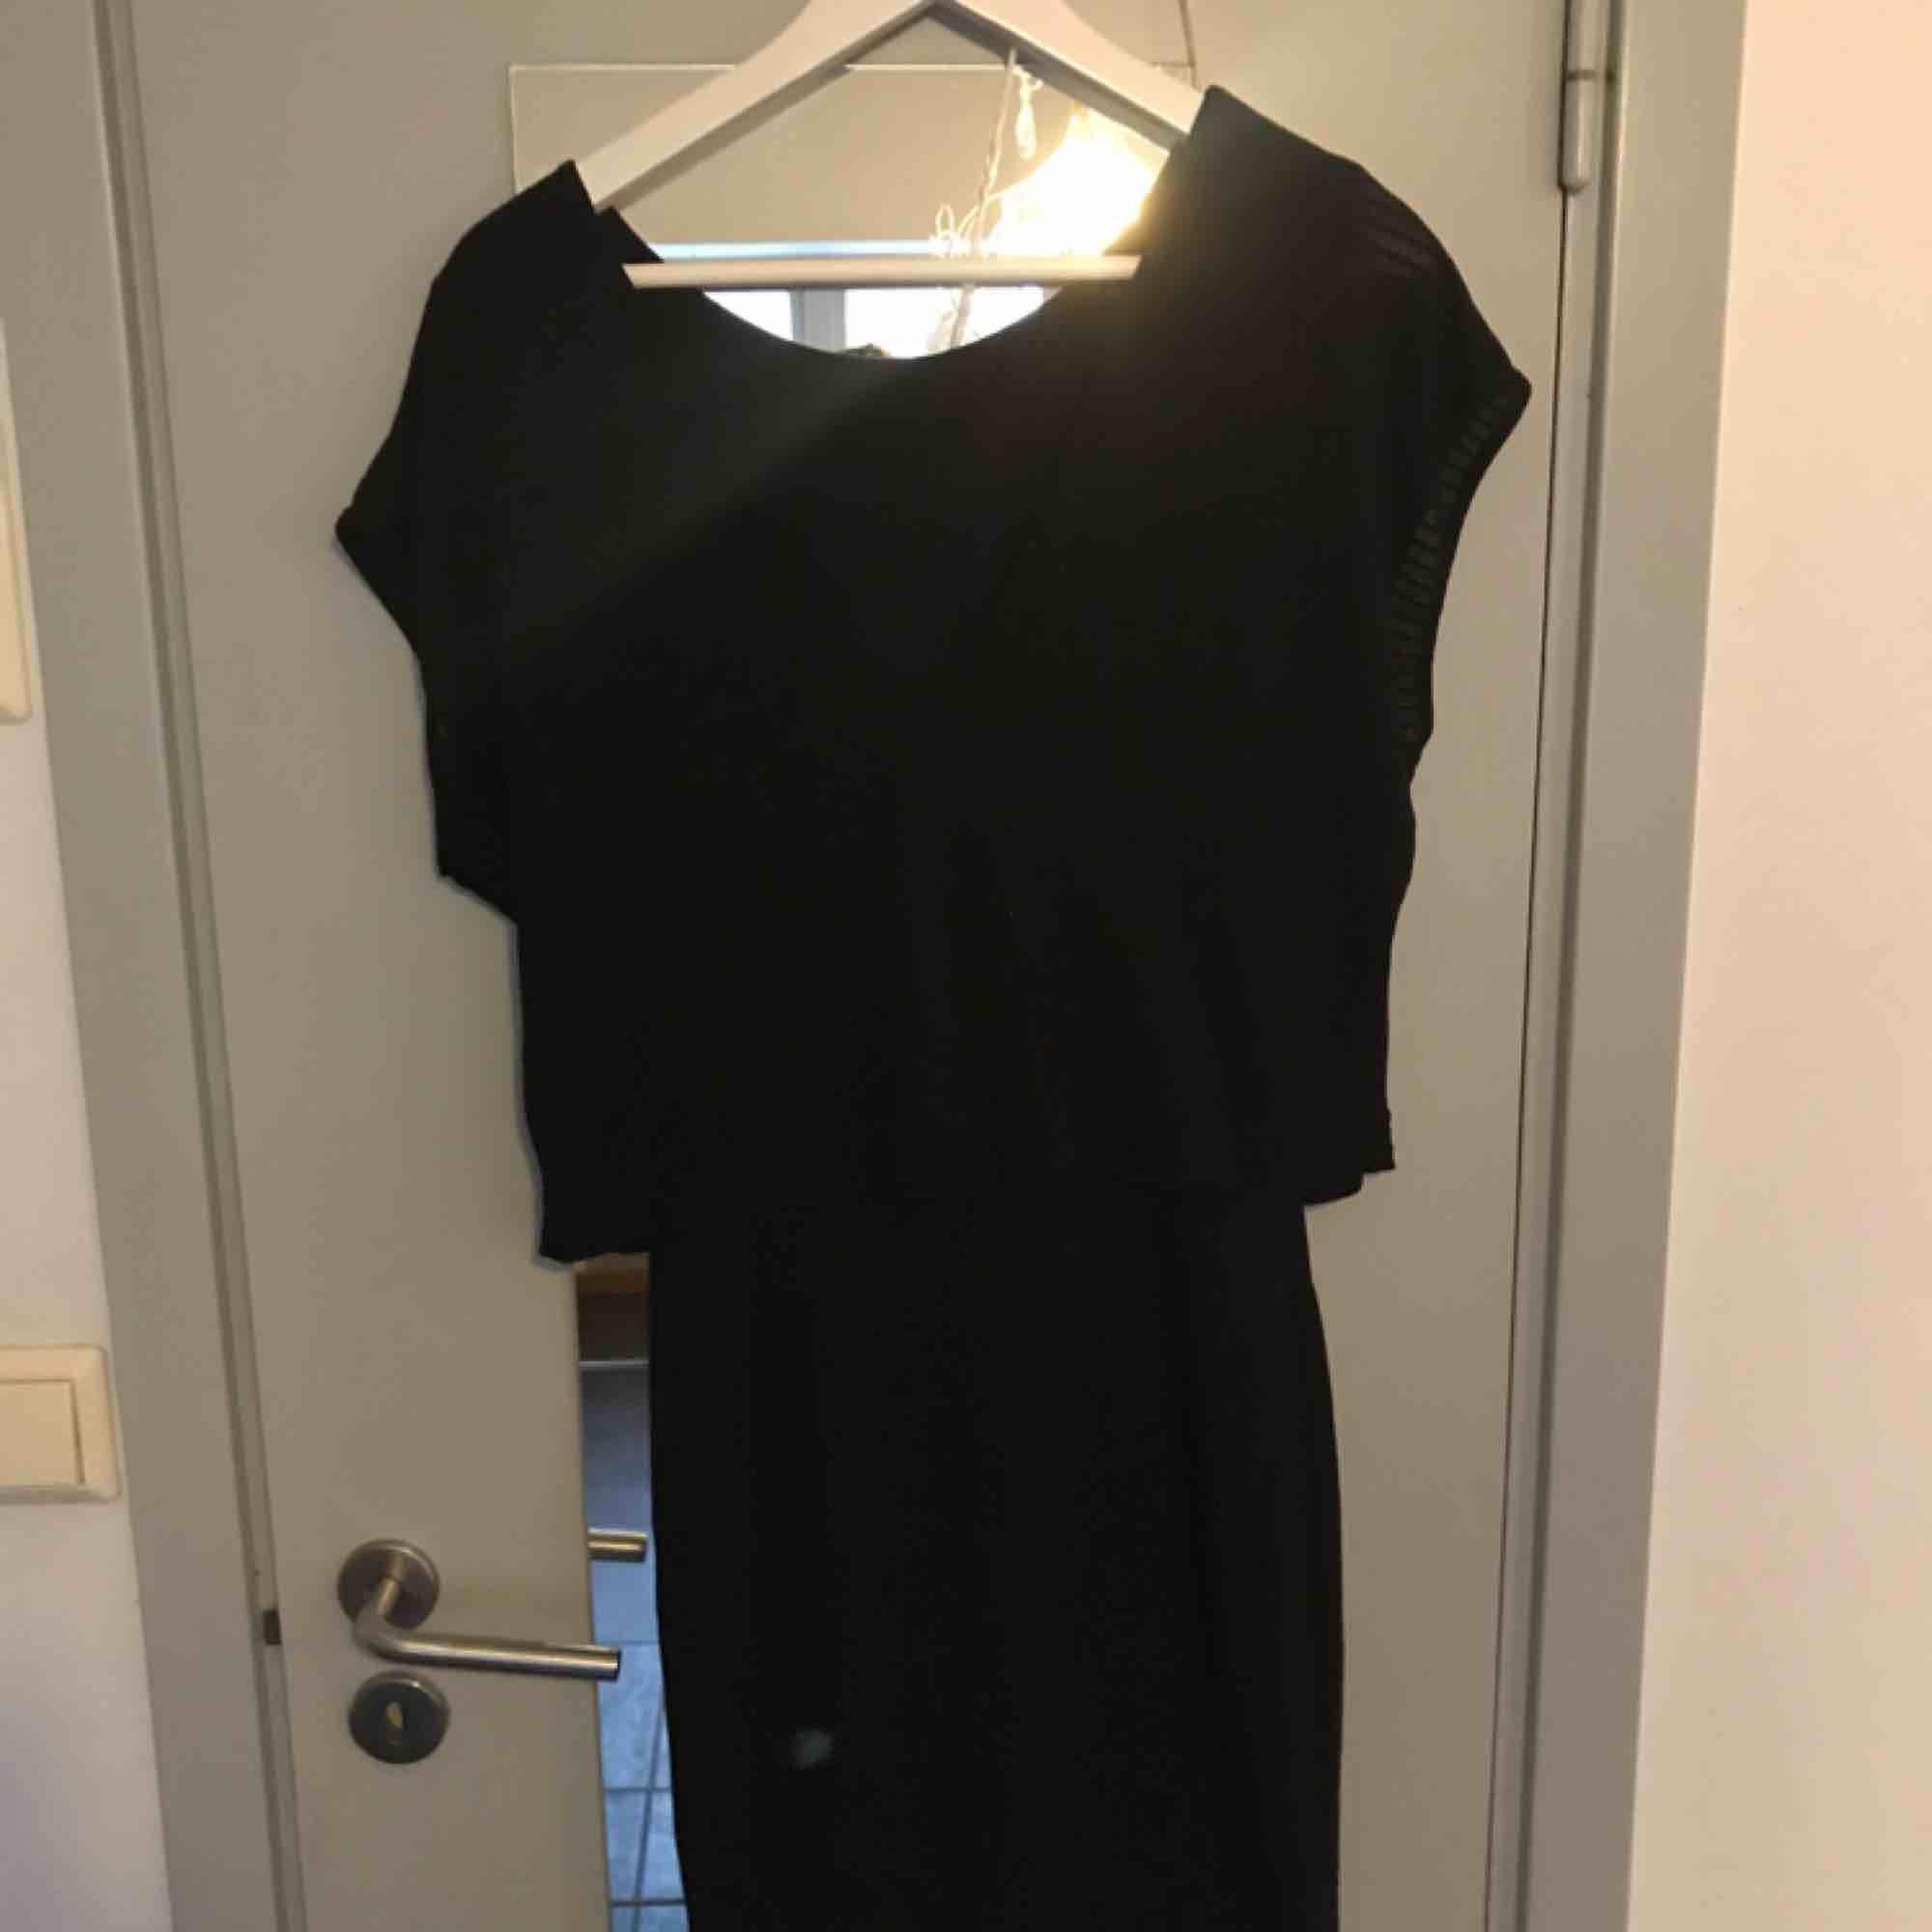 Svart kort tight klänning med en överdel som är som en lösare T-shirt med djup rygg. Använd max 3 ggr. . Klänningar.